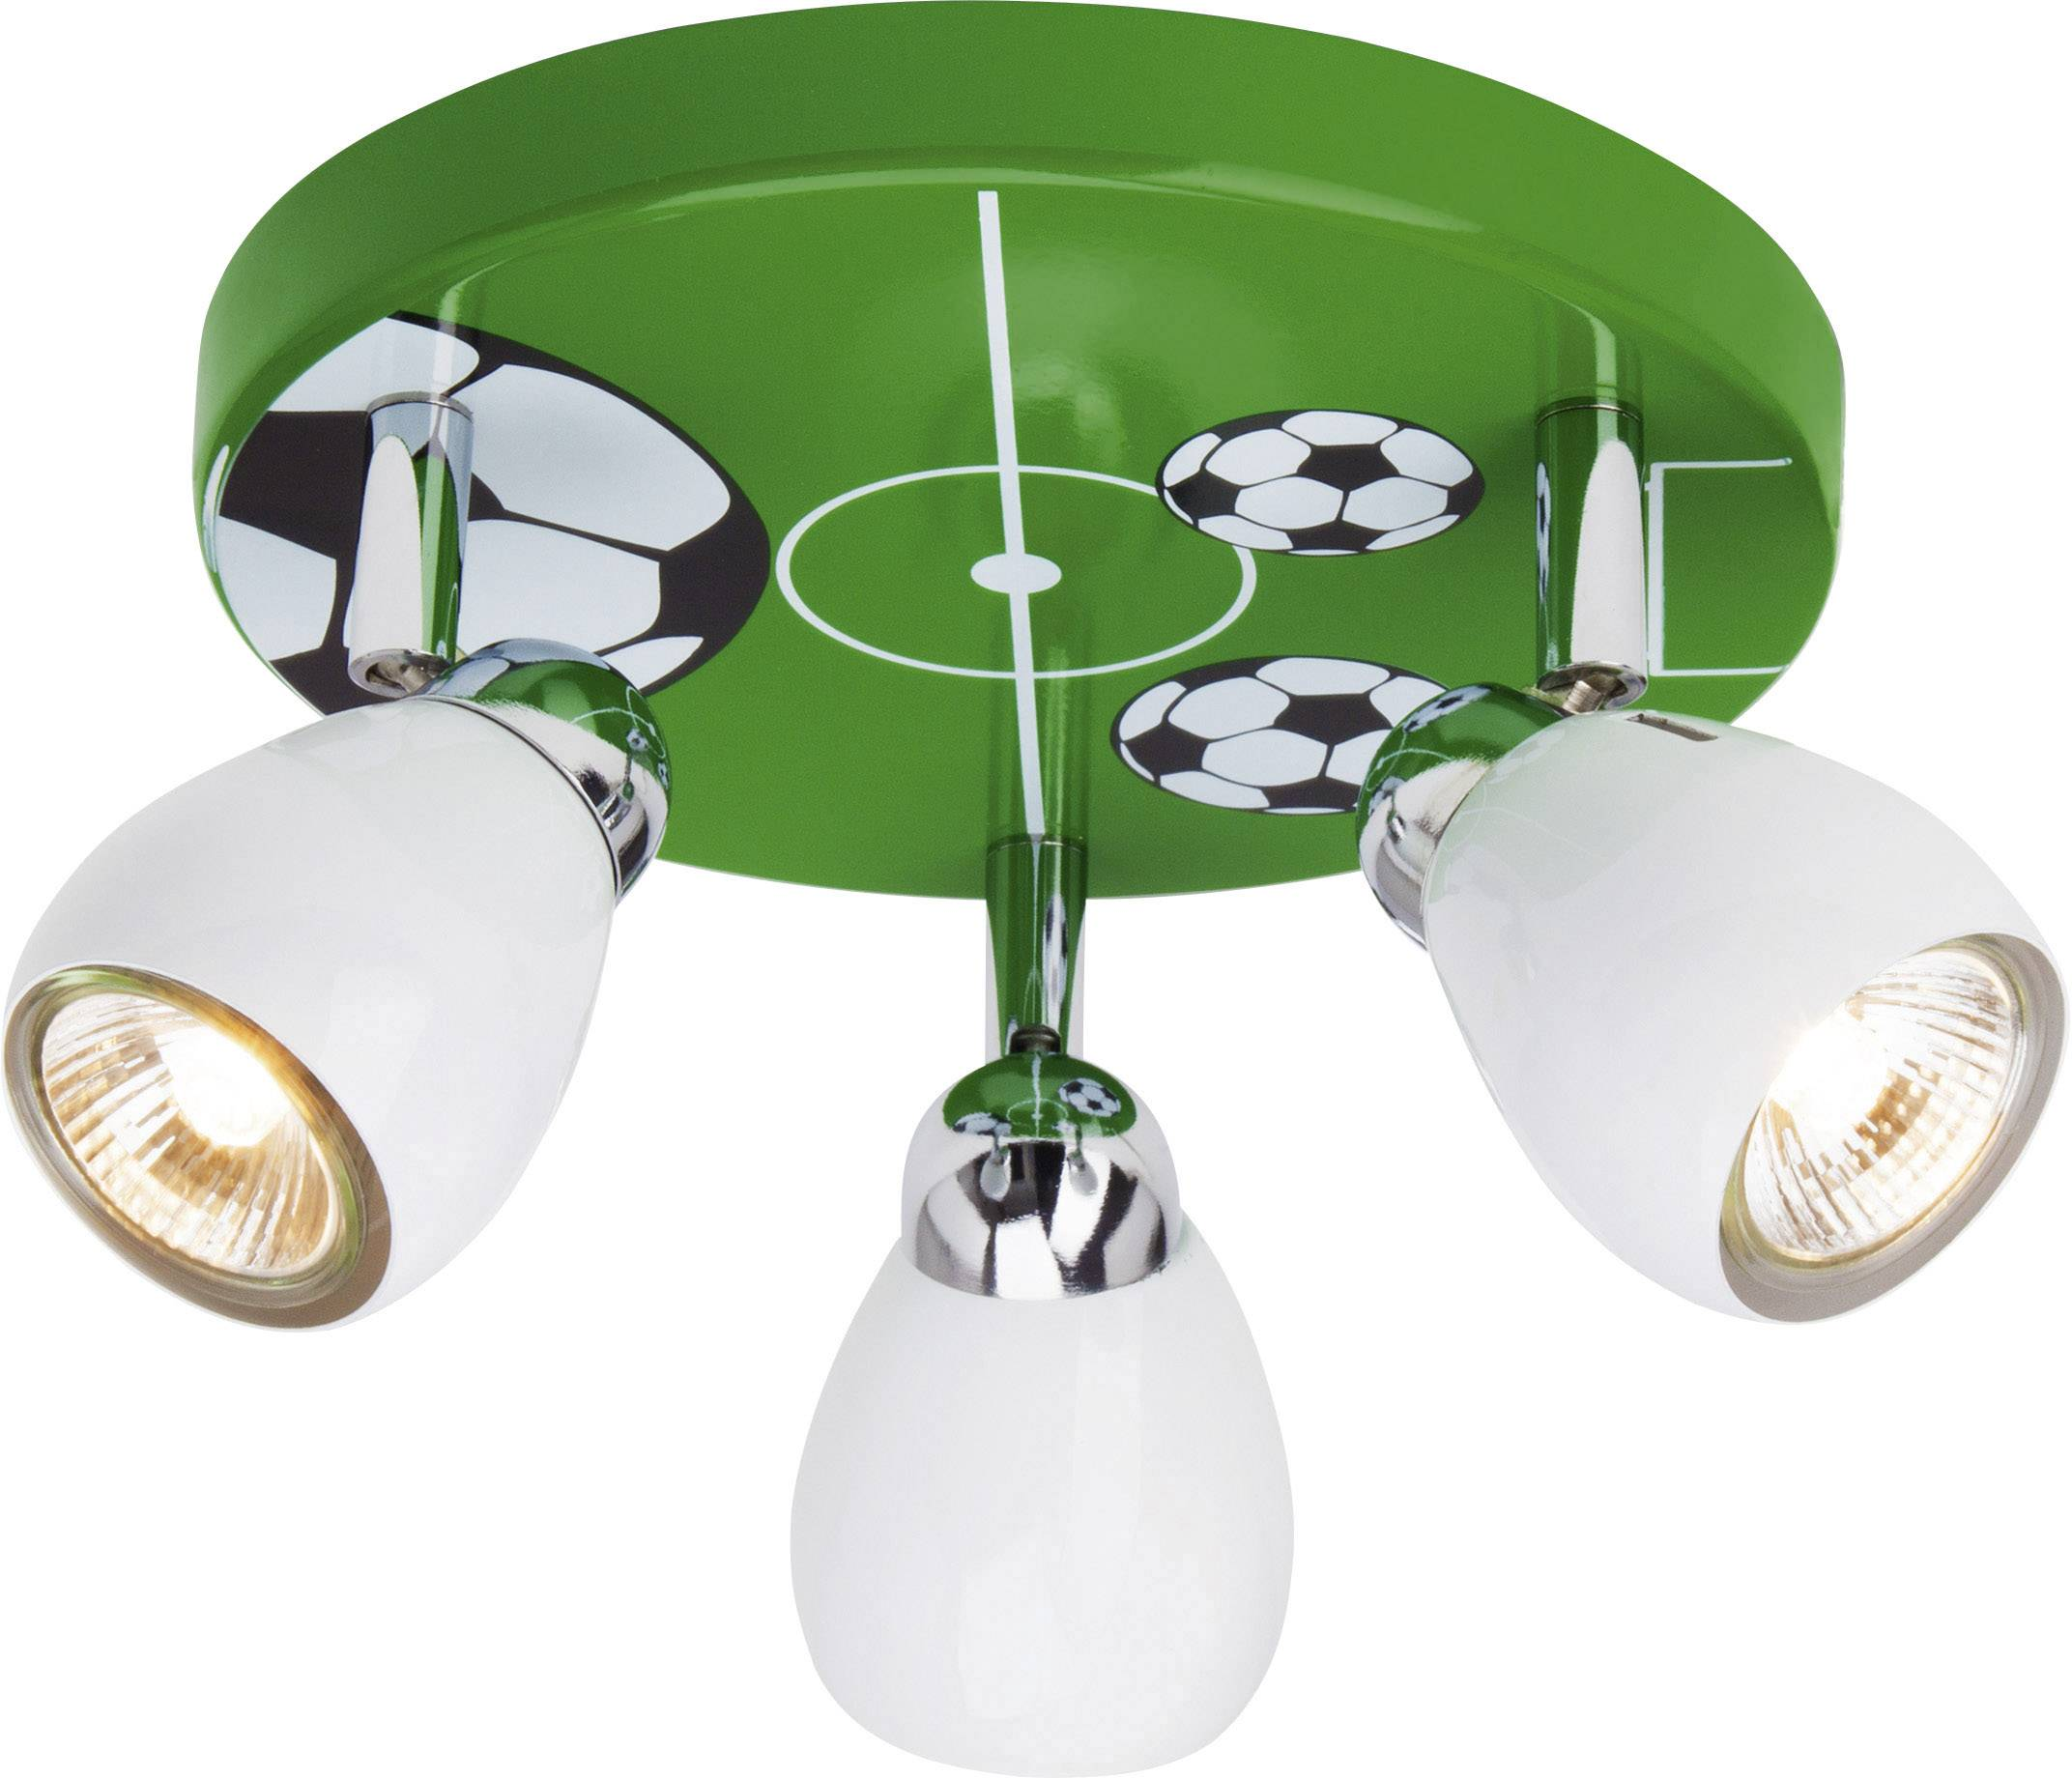 Stropní svítidlo Brilliant Soccer G56234/74, GU10, 50 W, halogenová žárovka, barevná